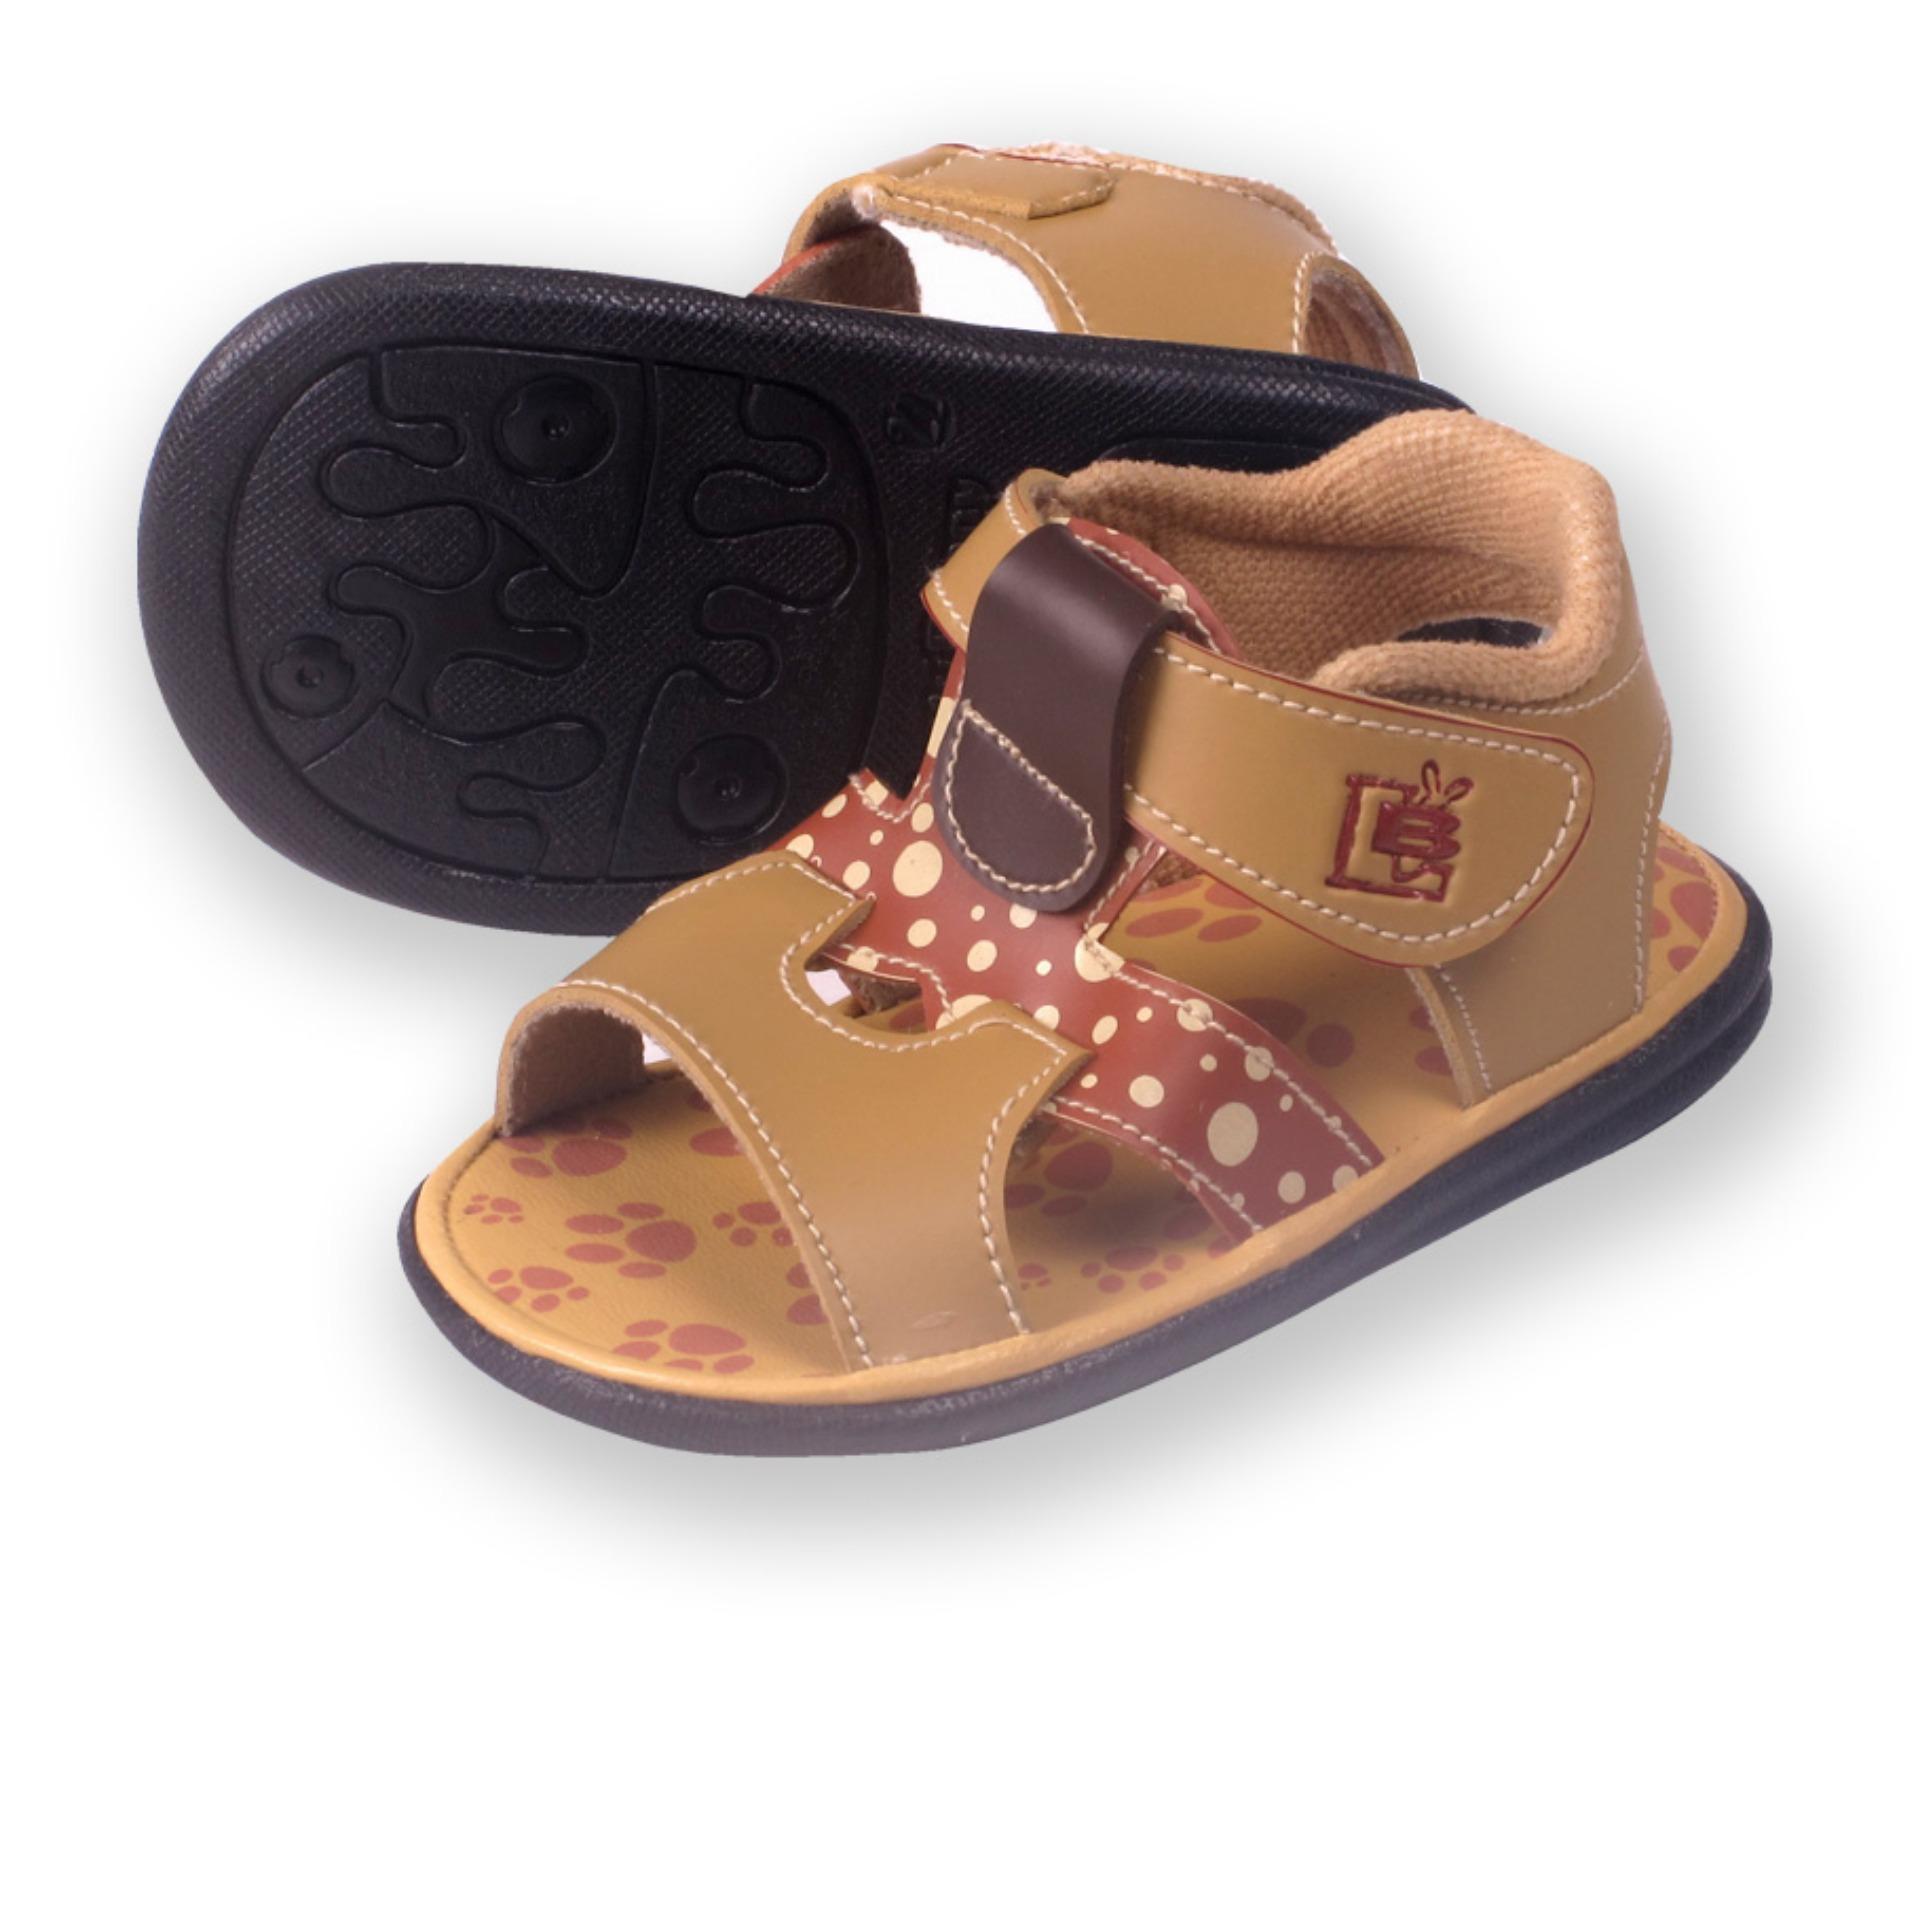 Jual Sepatu Sandal Bayi Laki Terbaik Lazada Cowok Karet Bagus Lusty Bunny Baby Shoes Bunyi Prewalker Ps 9585